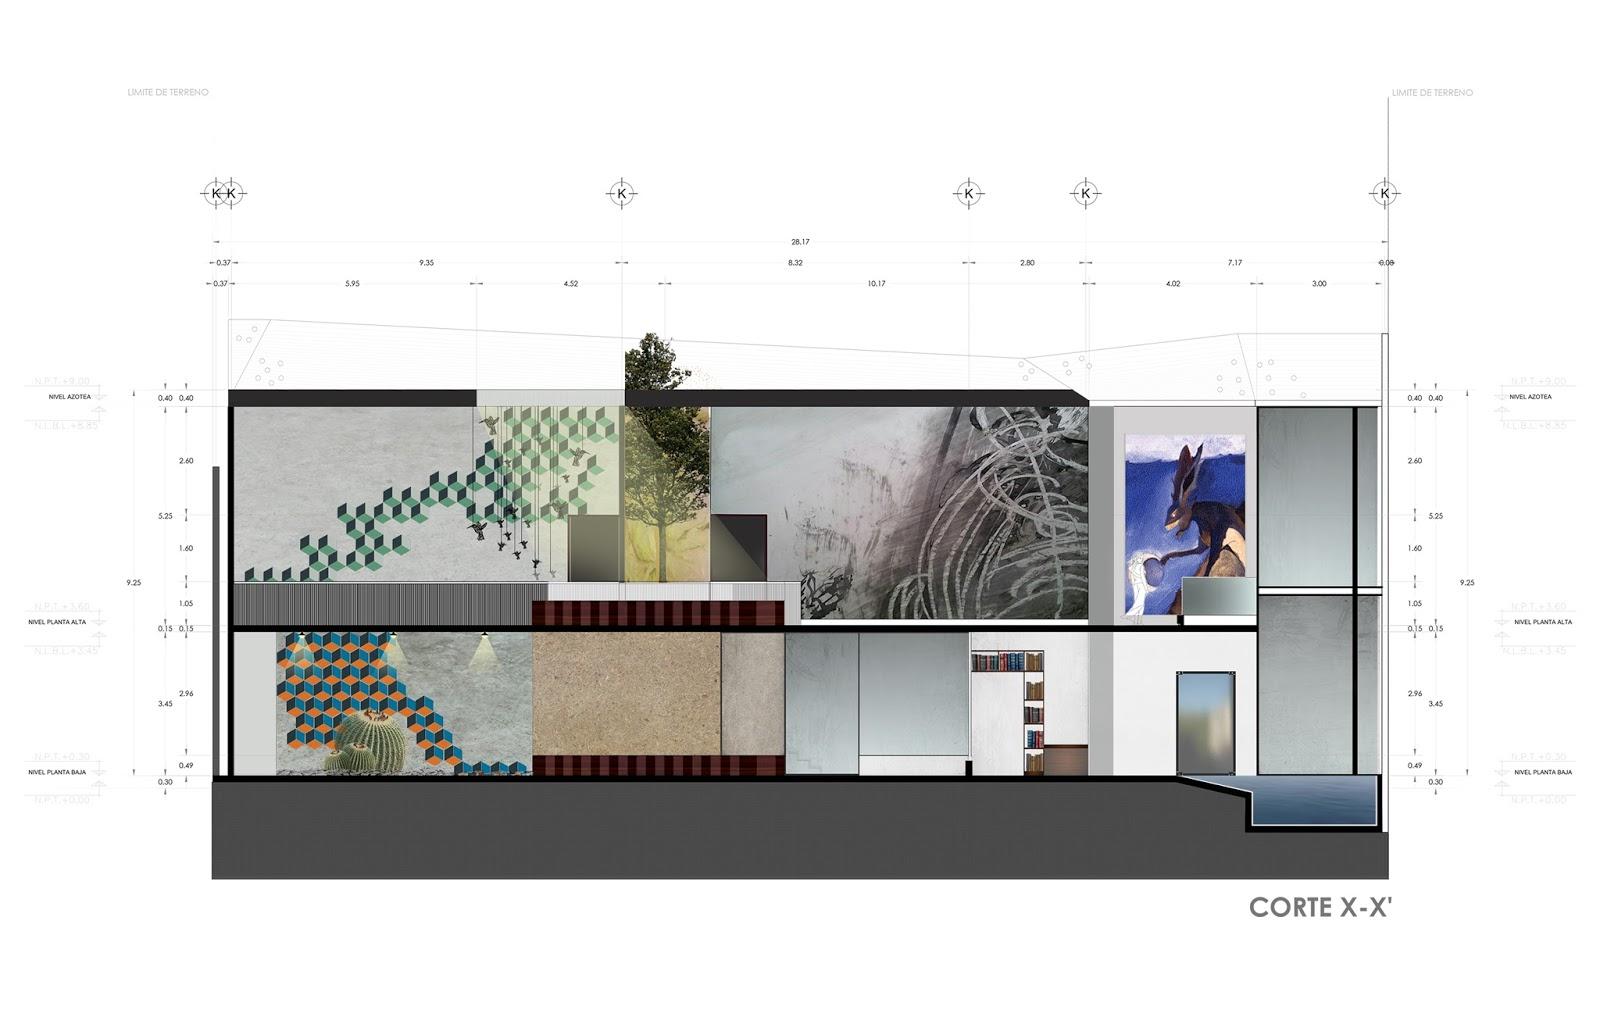 Arquitectura Cortes arquitectnicos de mi tesis